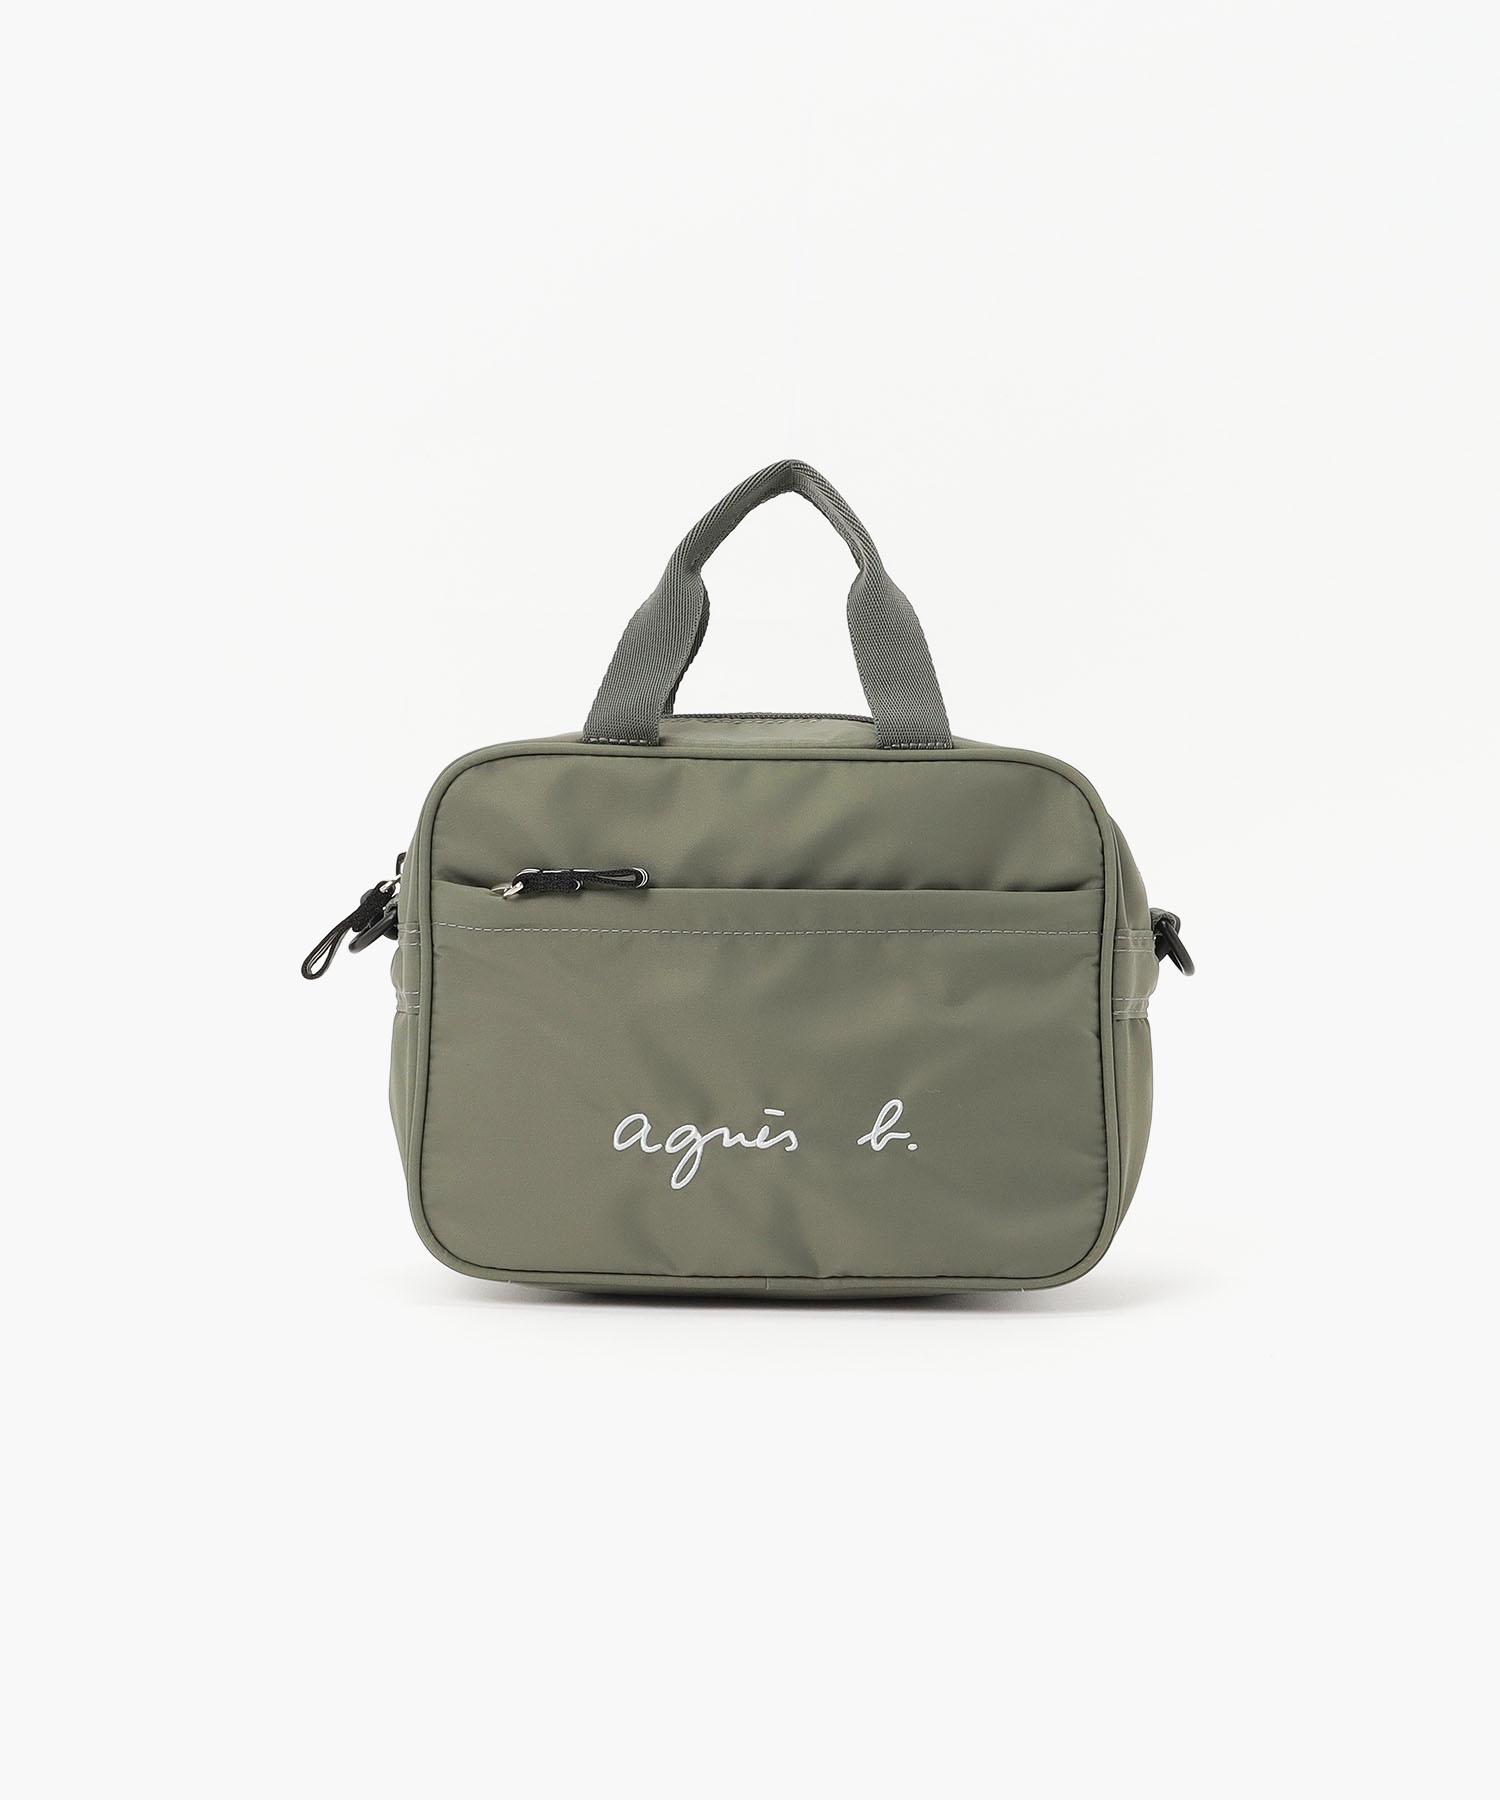 GL11 E BAG ロゴ2way通園バッグ